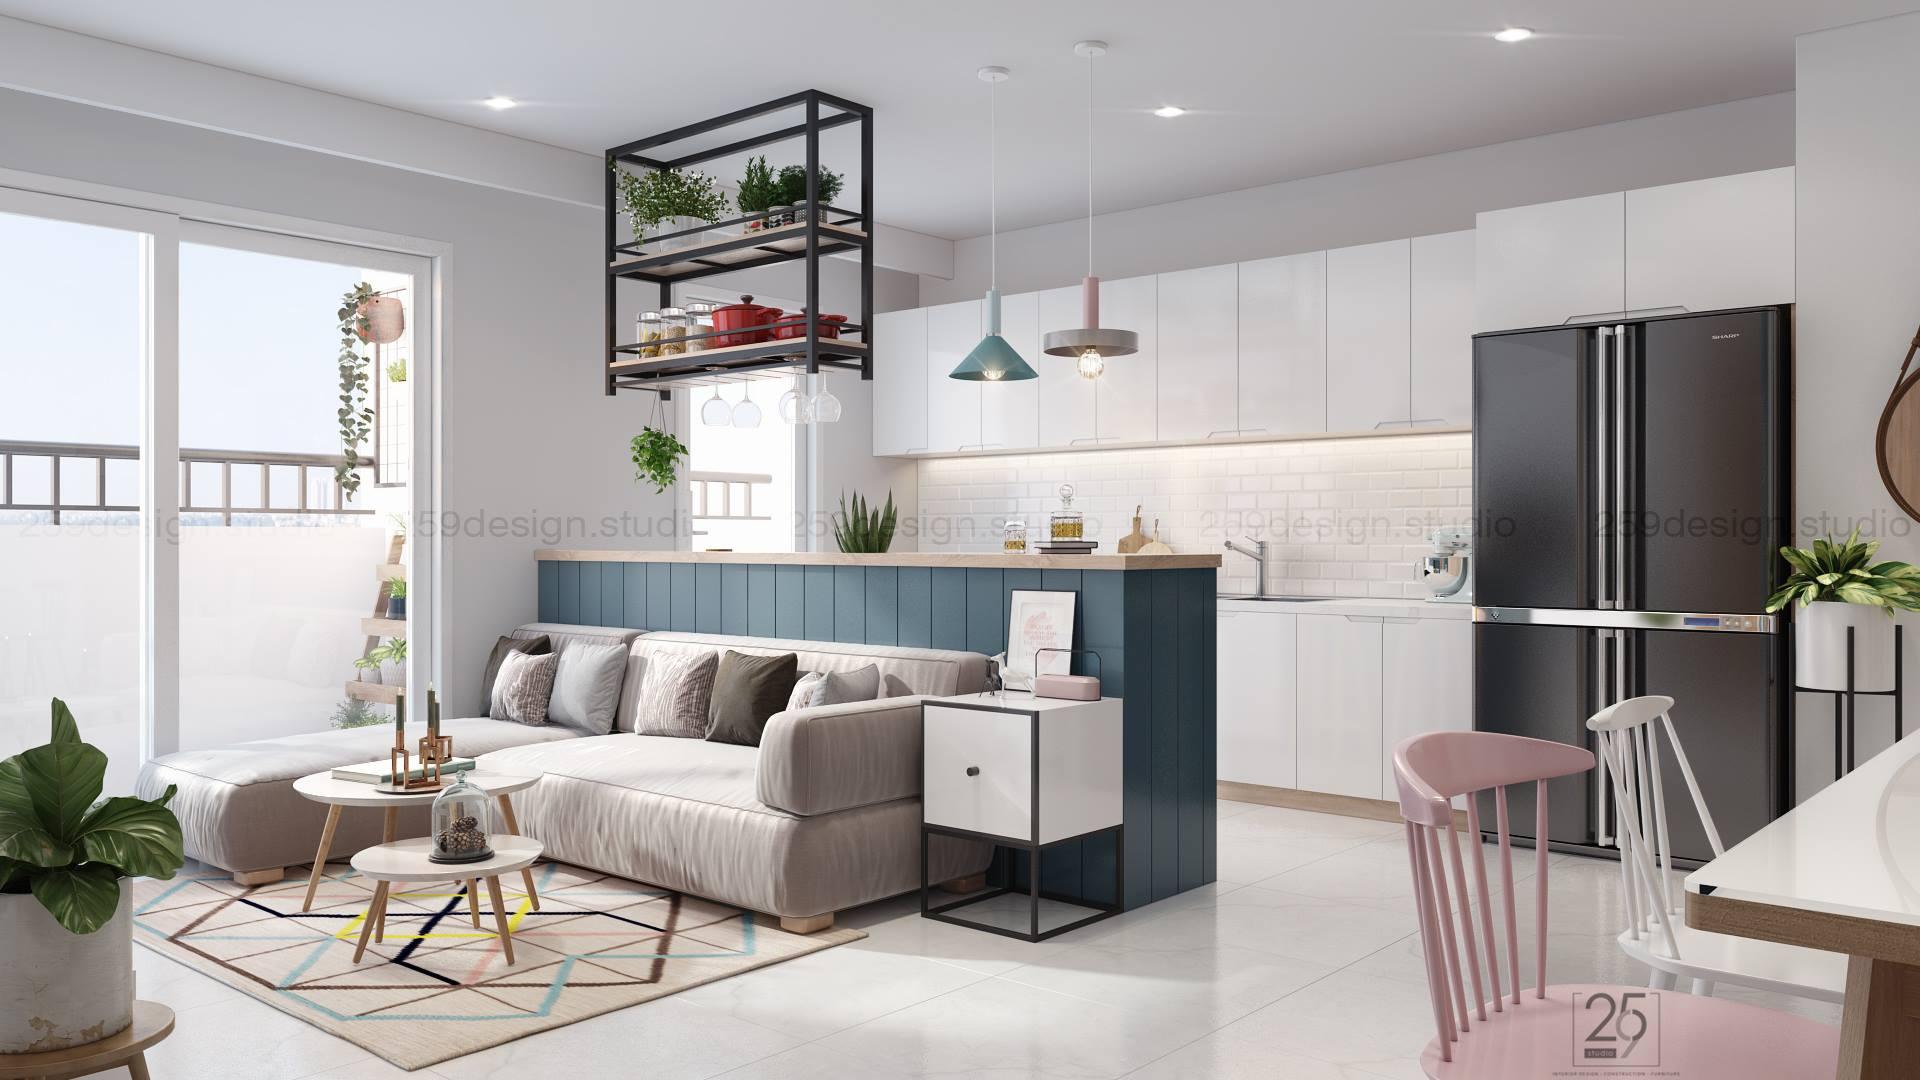 Mẫu thiết kế nội thất căn hộ đẹp với điểm nhấn màu pastel - Nhà Đẹp Số (1)